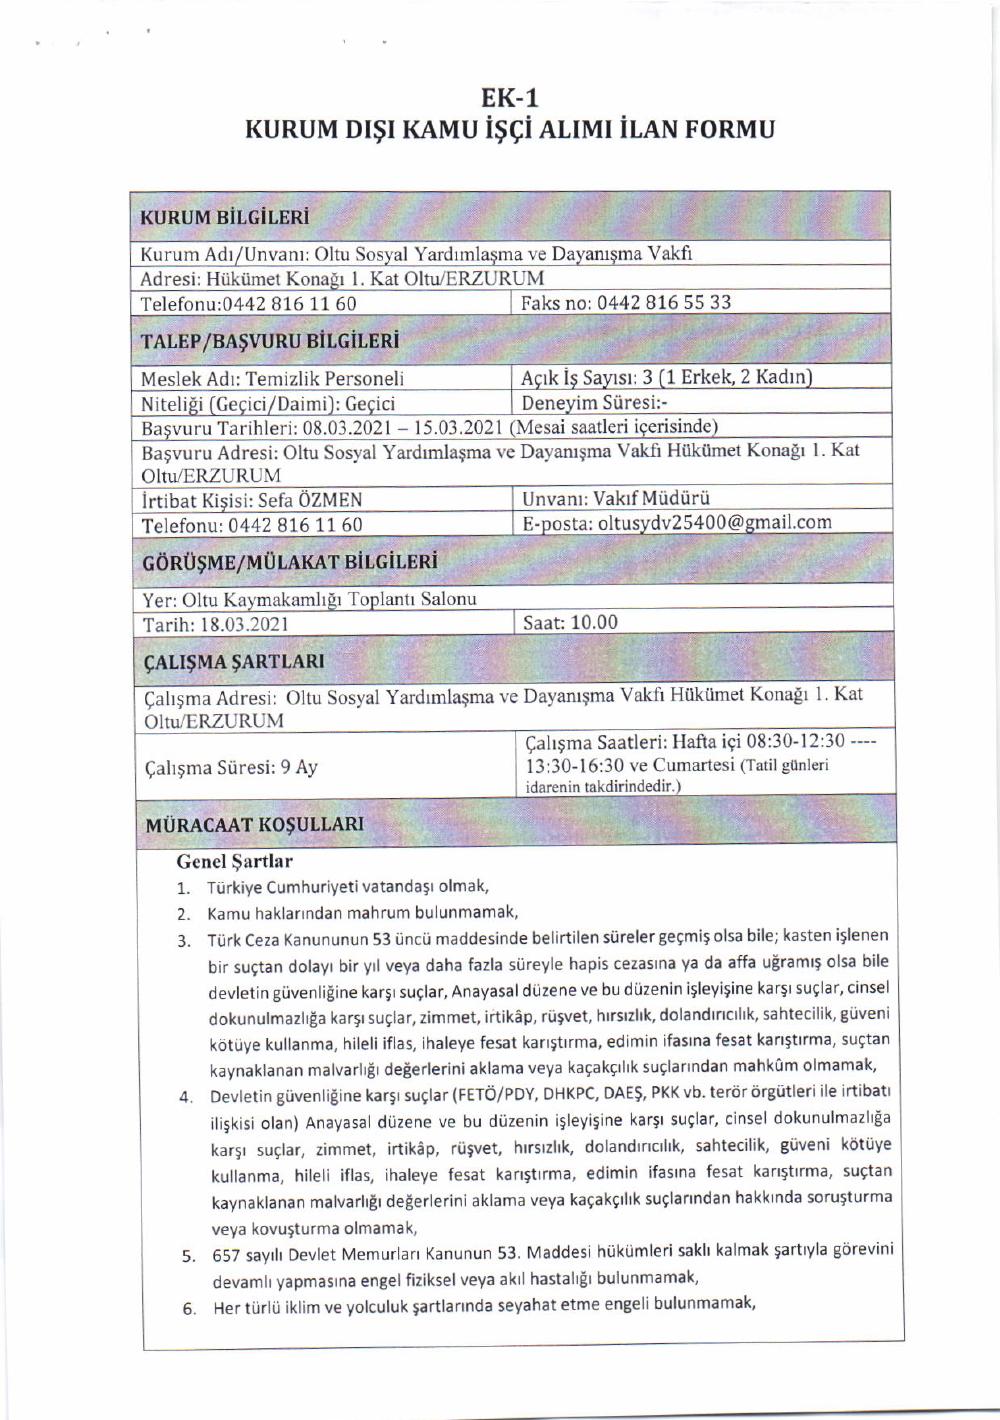 erzurum-oltu-sydv-15-03-2021-000001.png